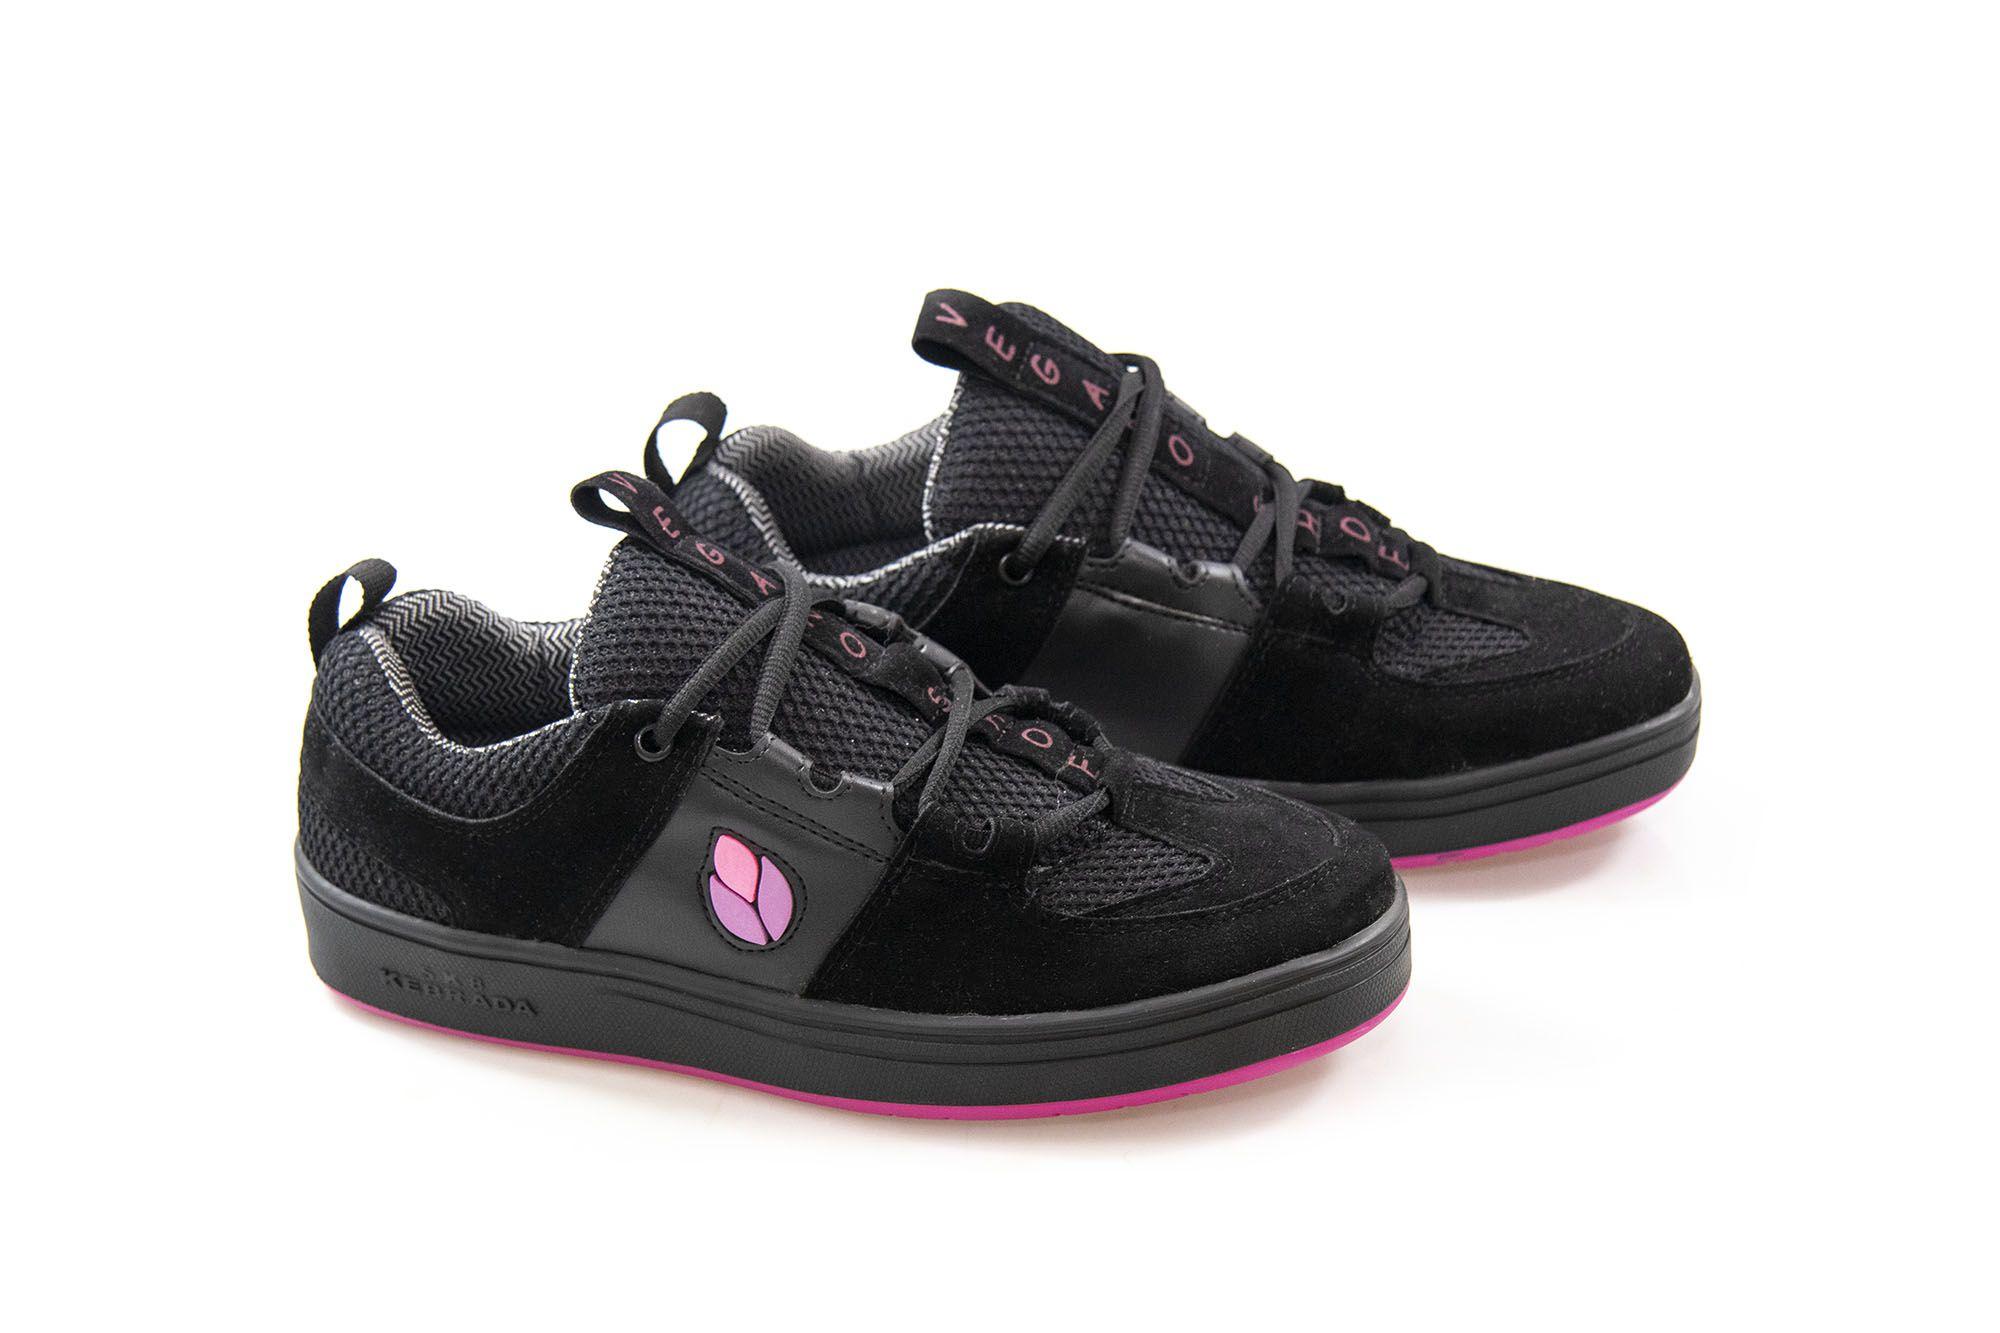 Tênis Vegano Shoes SK8 Kebrada - Preto com Rosa